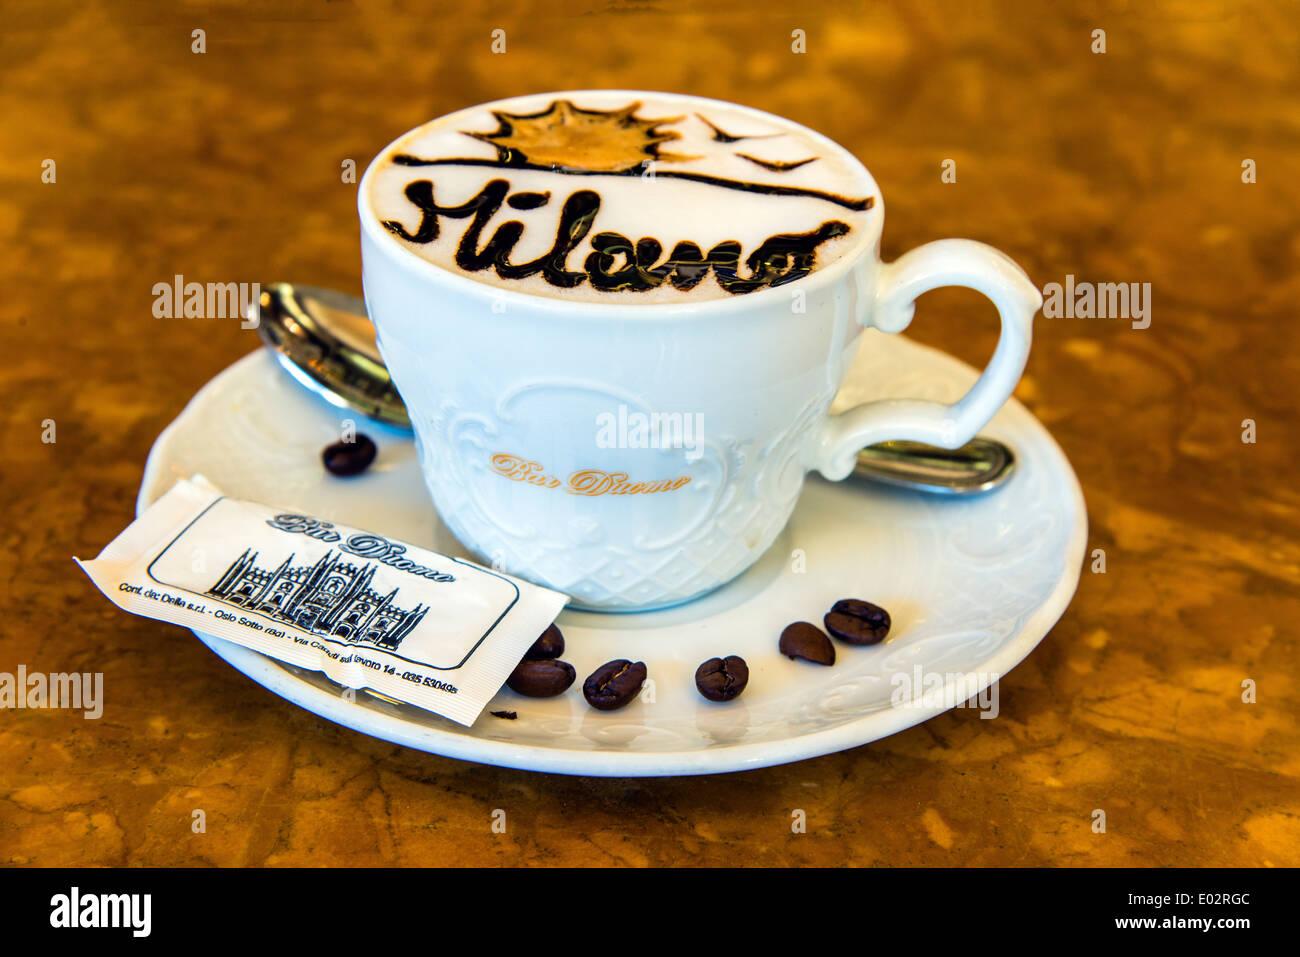 Tazza da colazione servita in un bar di Milano, Lombardia, Italia Immagini Stock